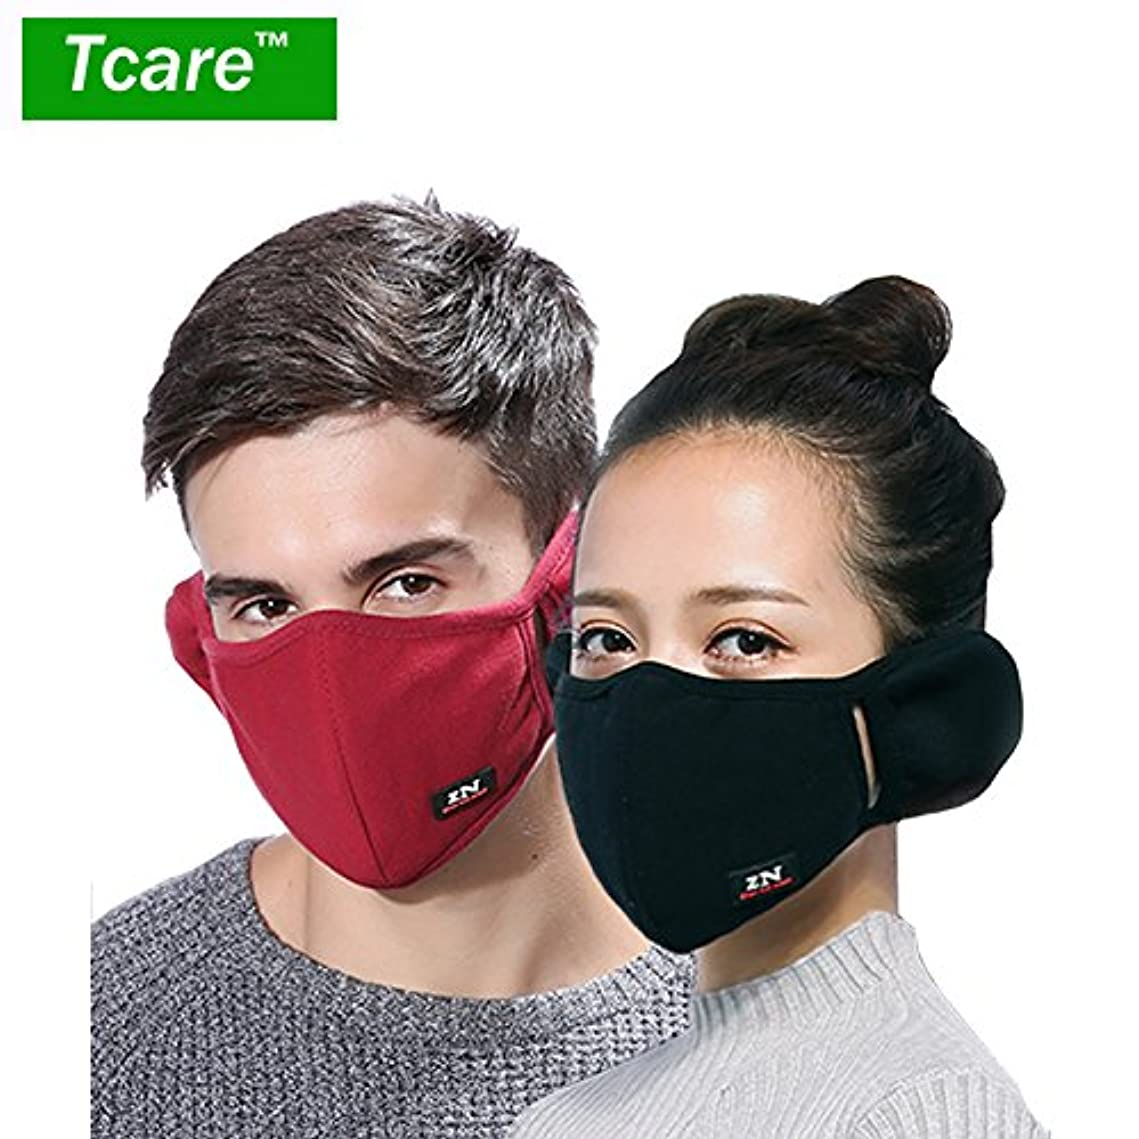 不足気づく最も遠い男性女性の少年少女のためのTcare呼吸器2レイヤピュアコットン保護フィルター挿入口:10紺